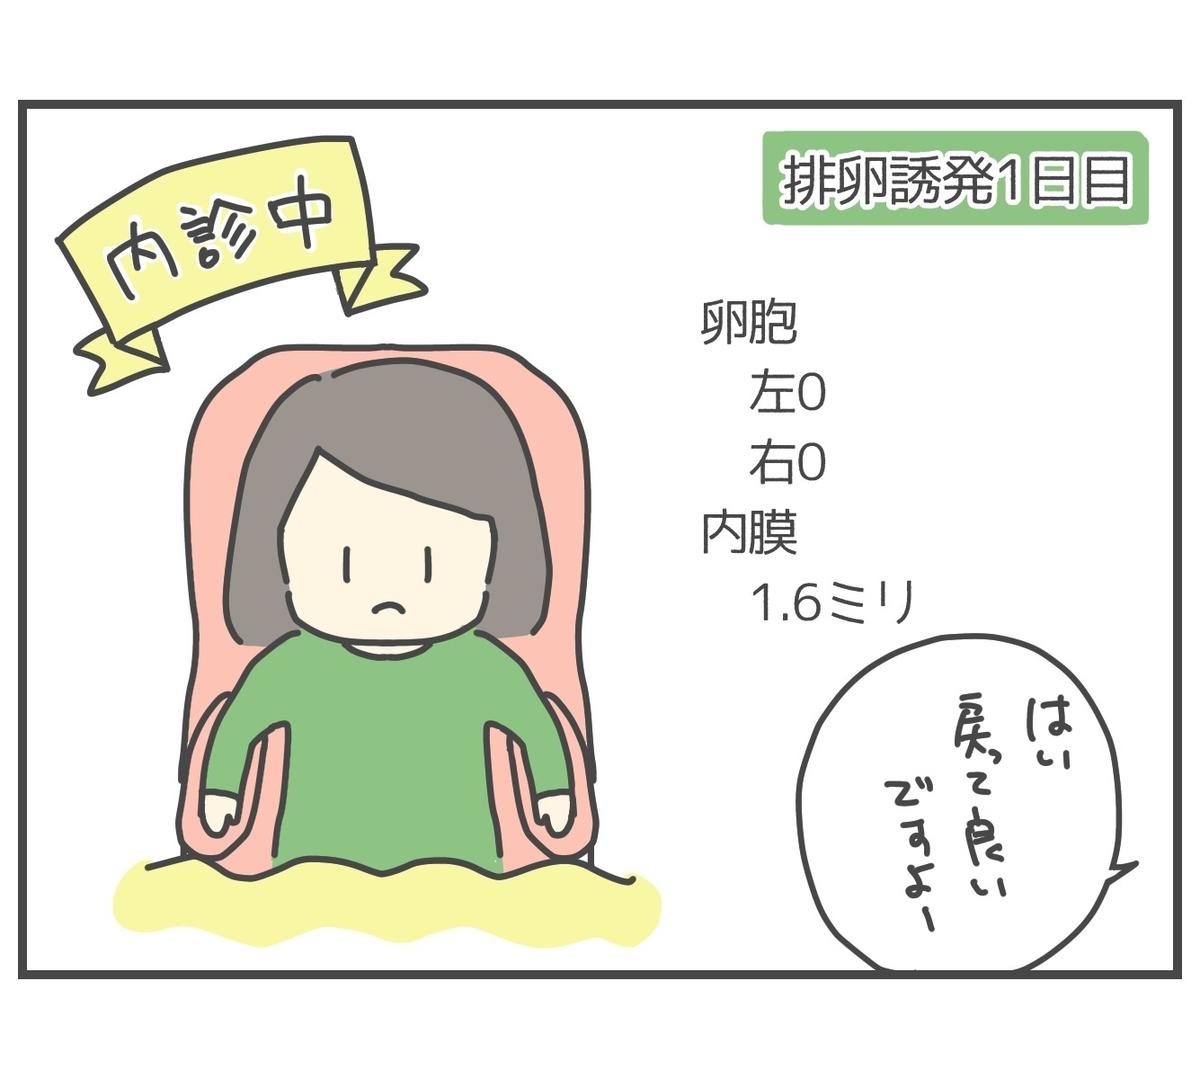 2度目の排卵誘発2